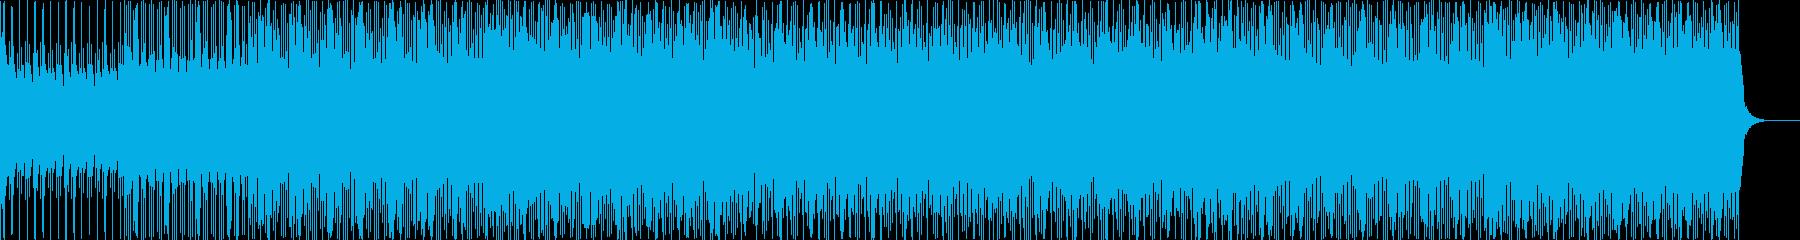 ピアノとギターのシンプルハウスの再生済みの波形